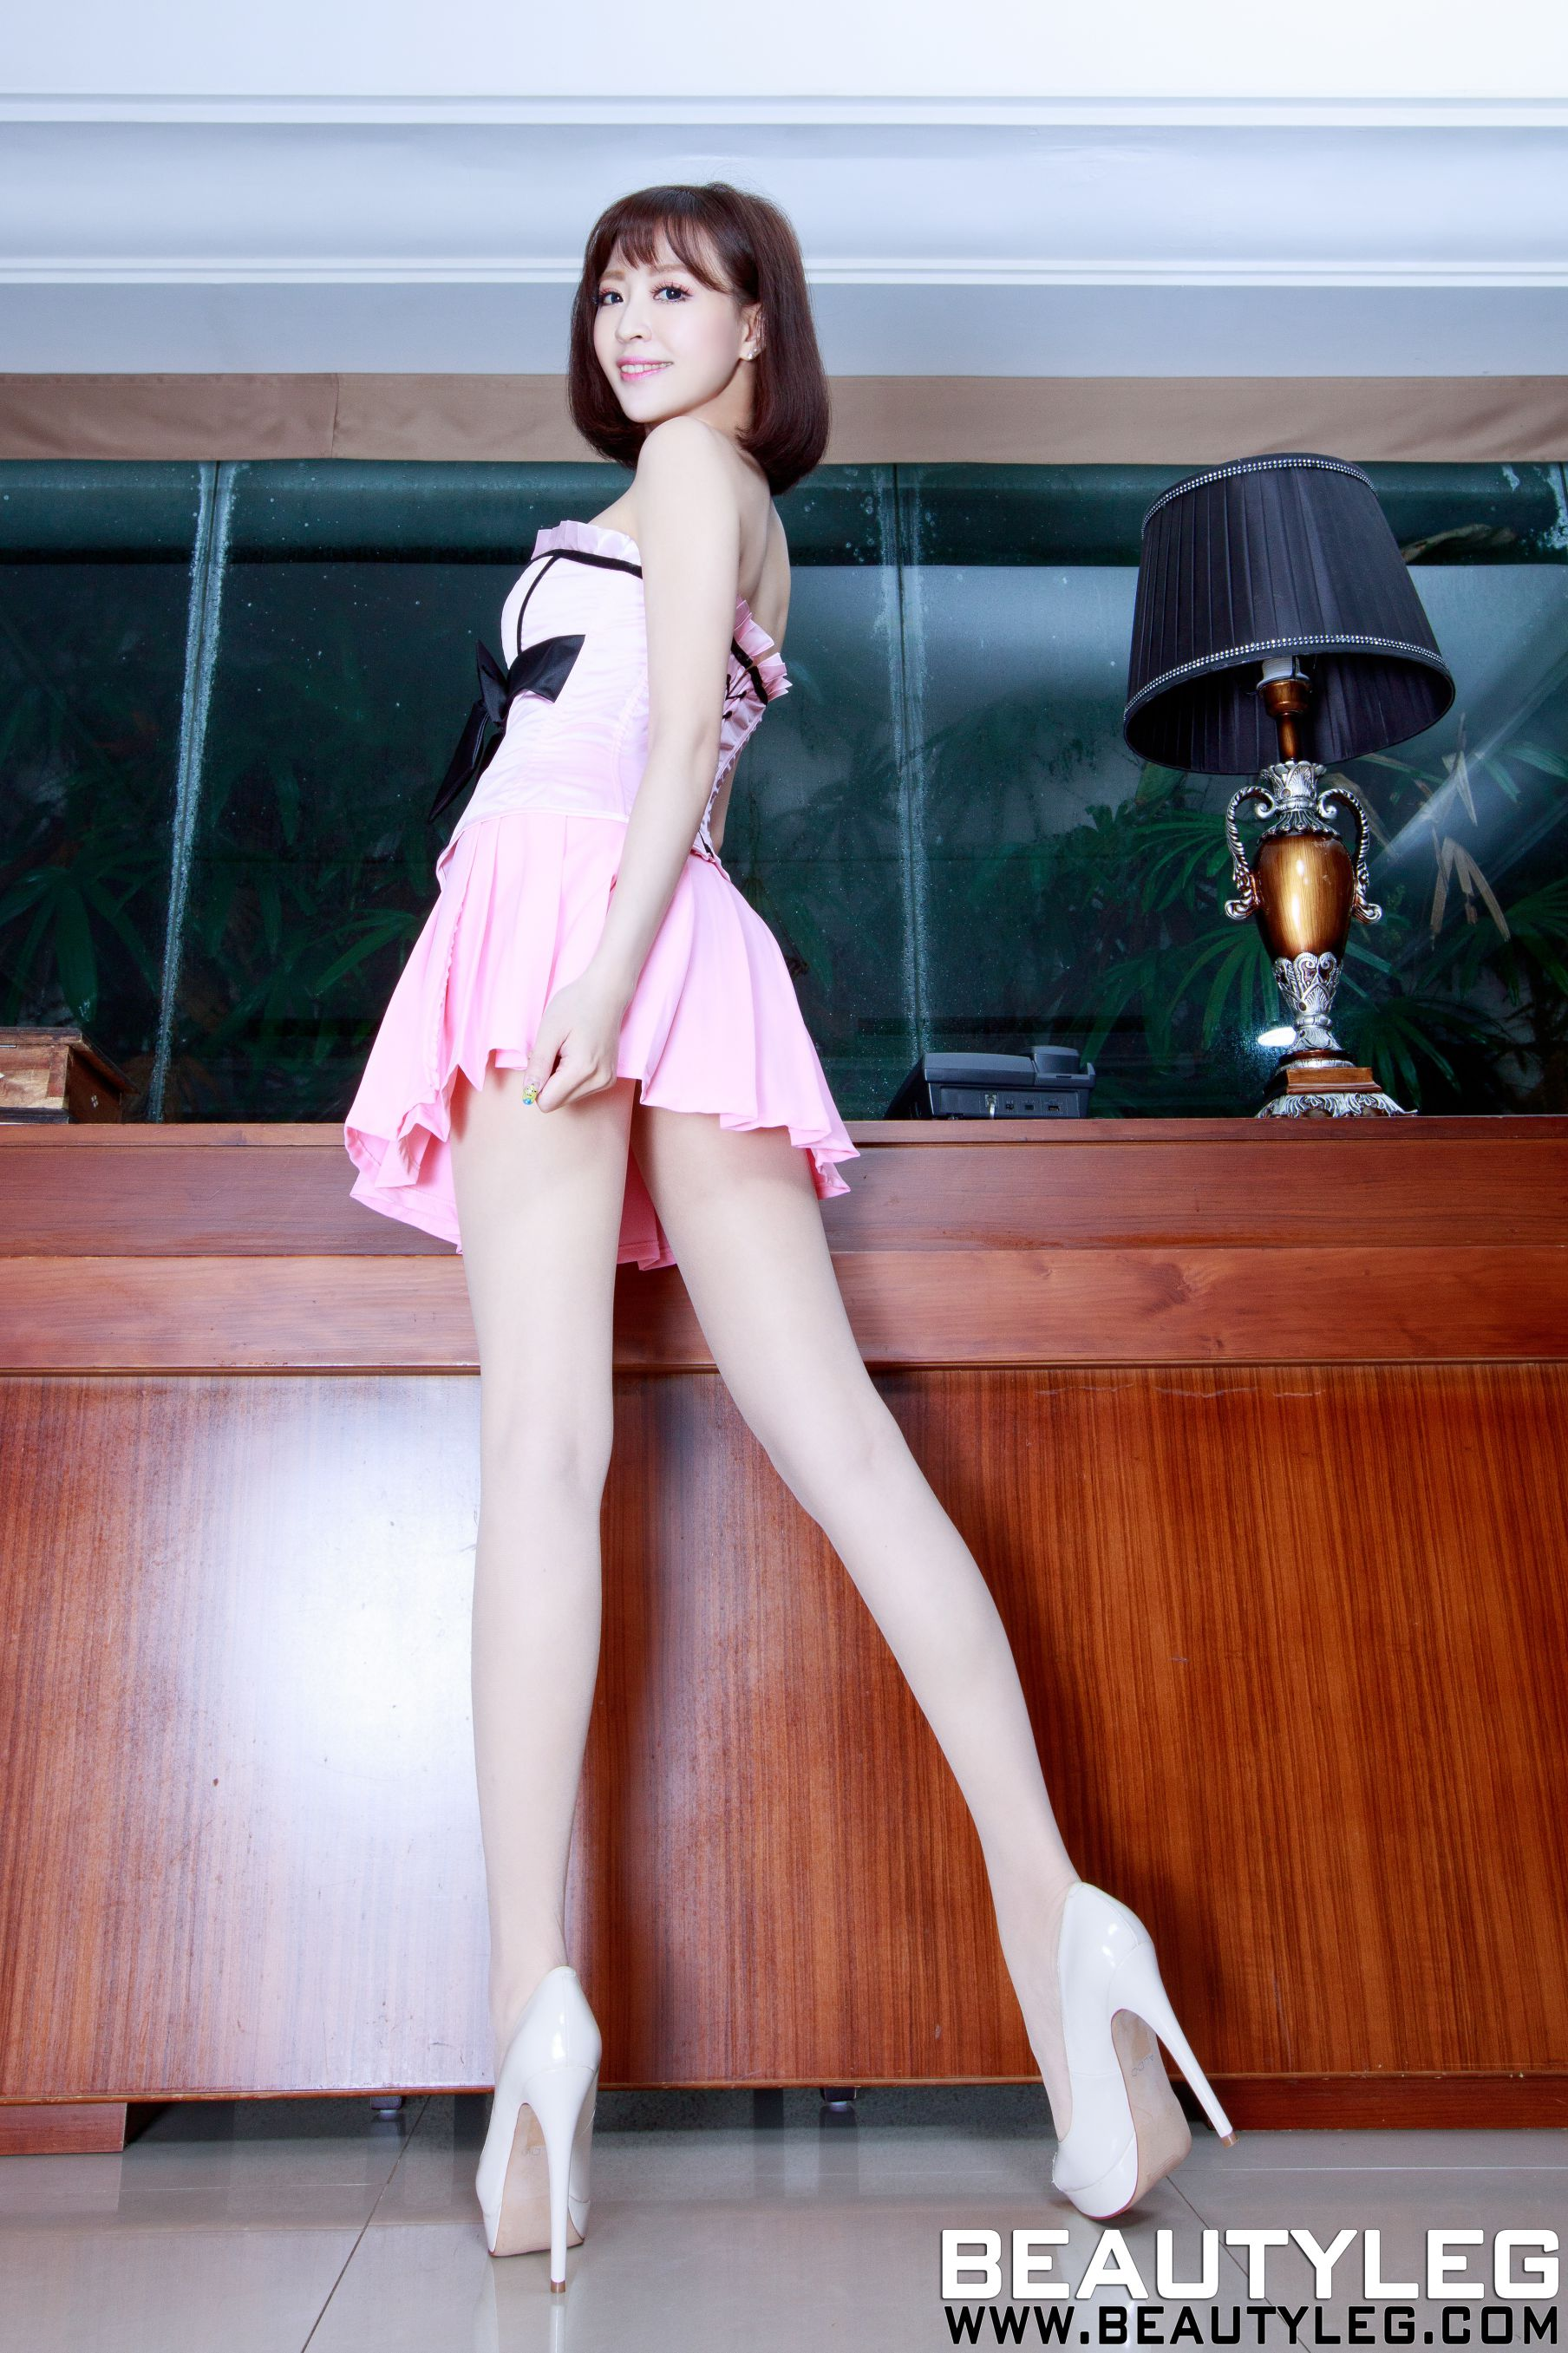 VOL.1596 [Beautyleg]短发美腿甜美:倪千凌(腿模Lucy,陈佳筠)高品质写真套图(50P)